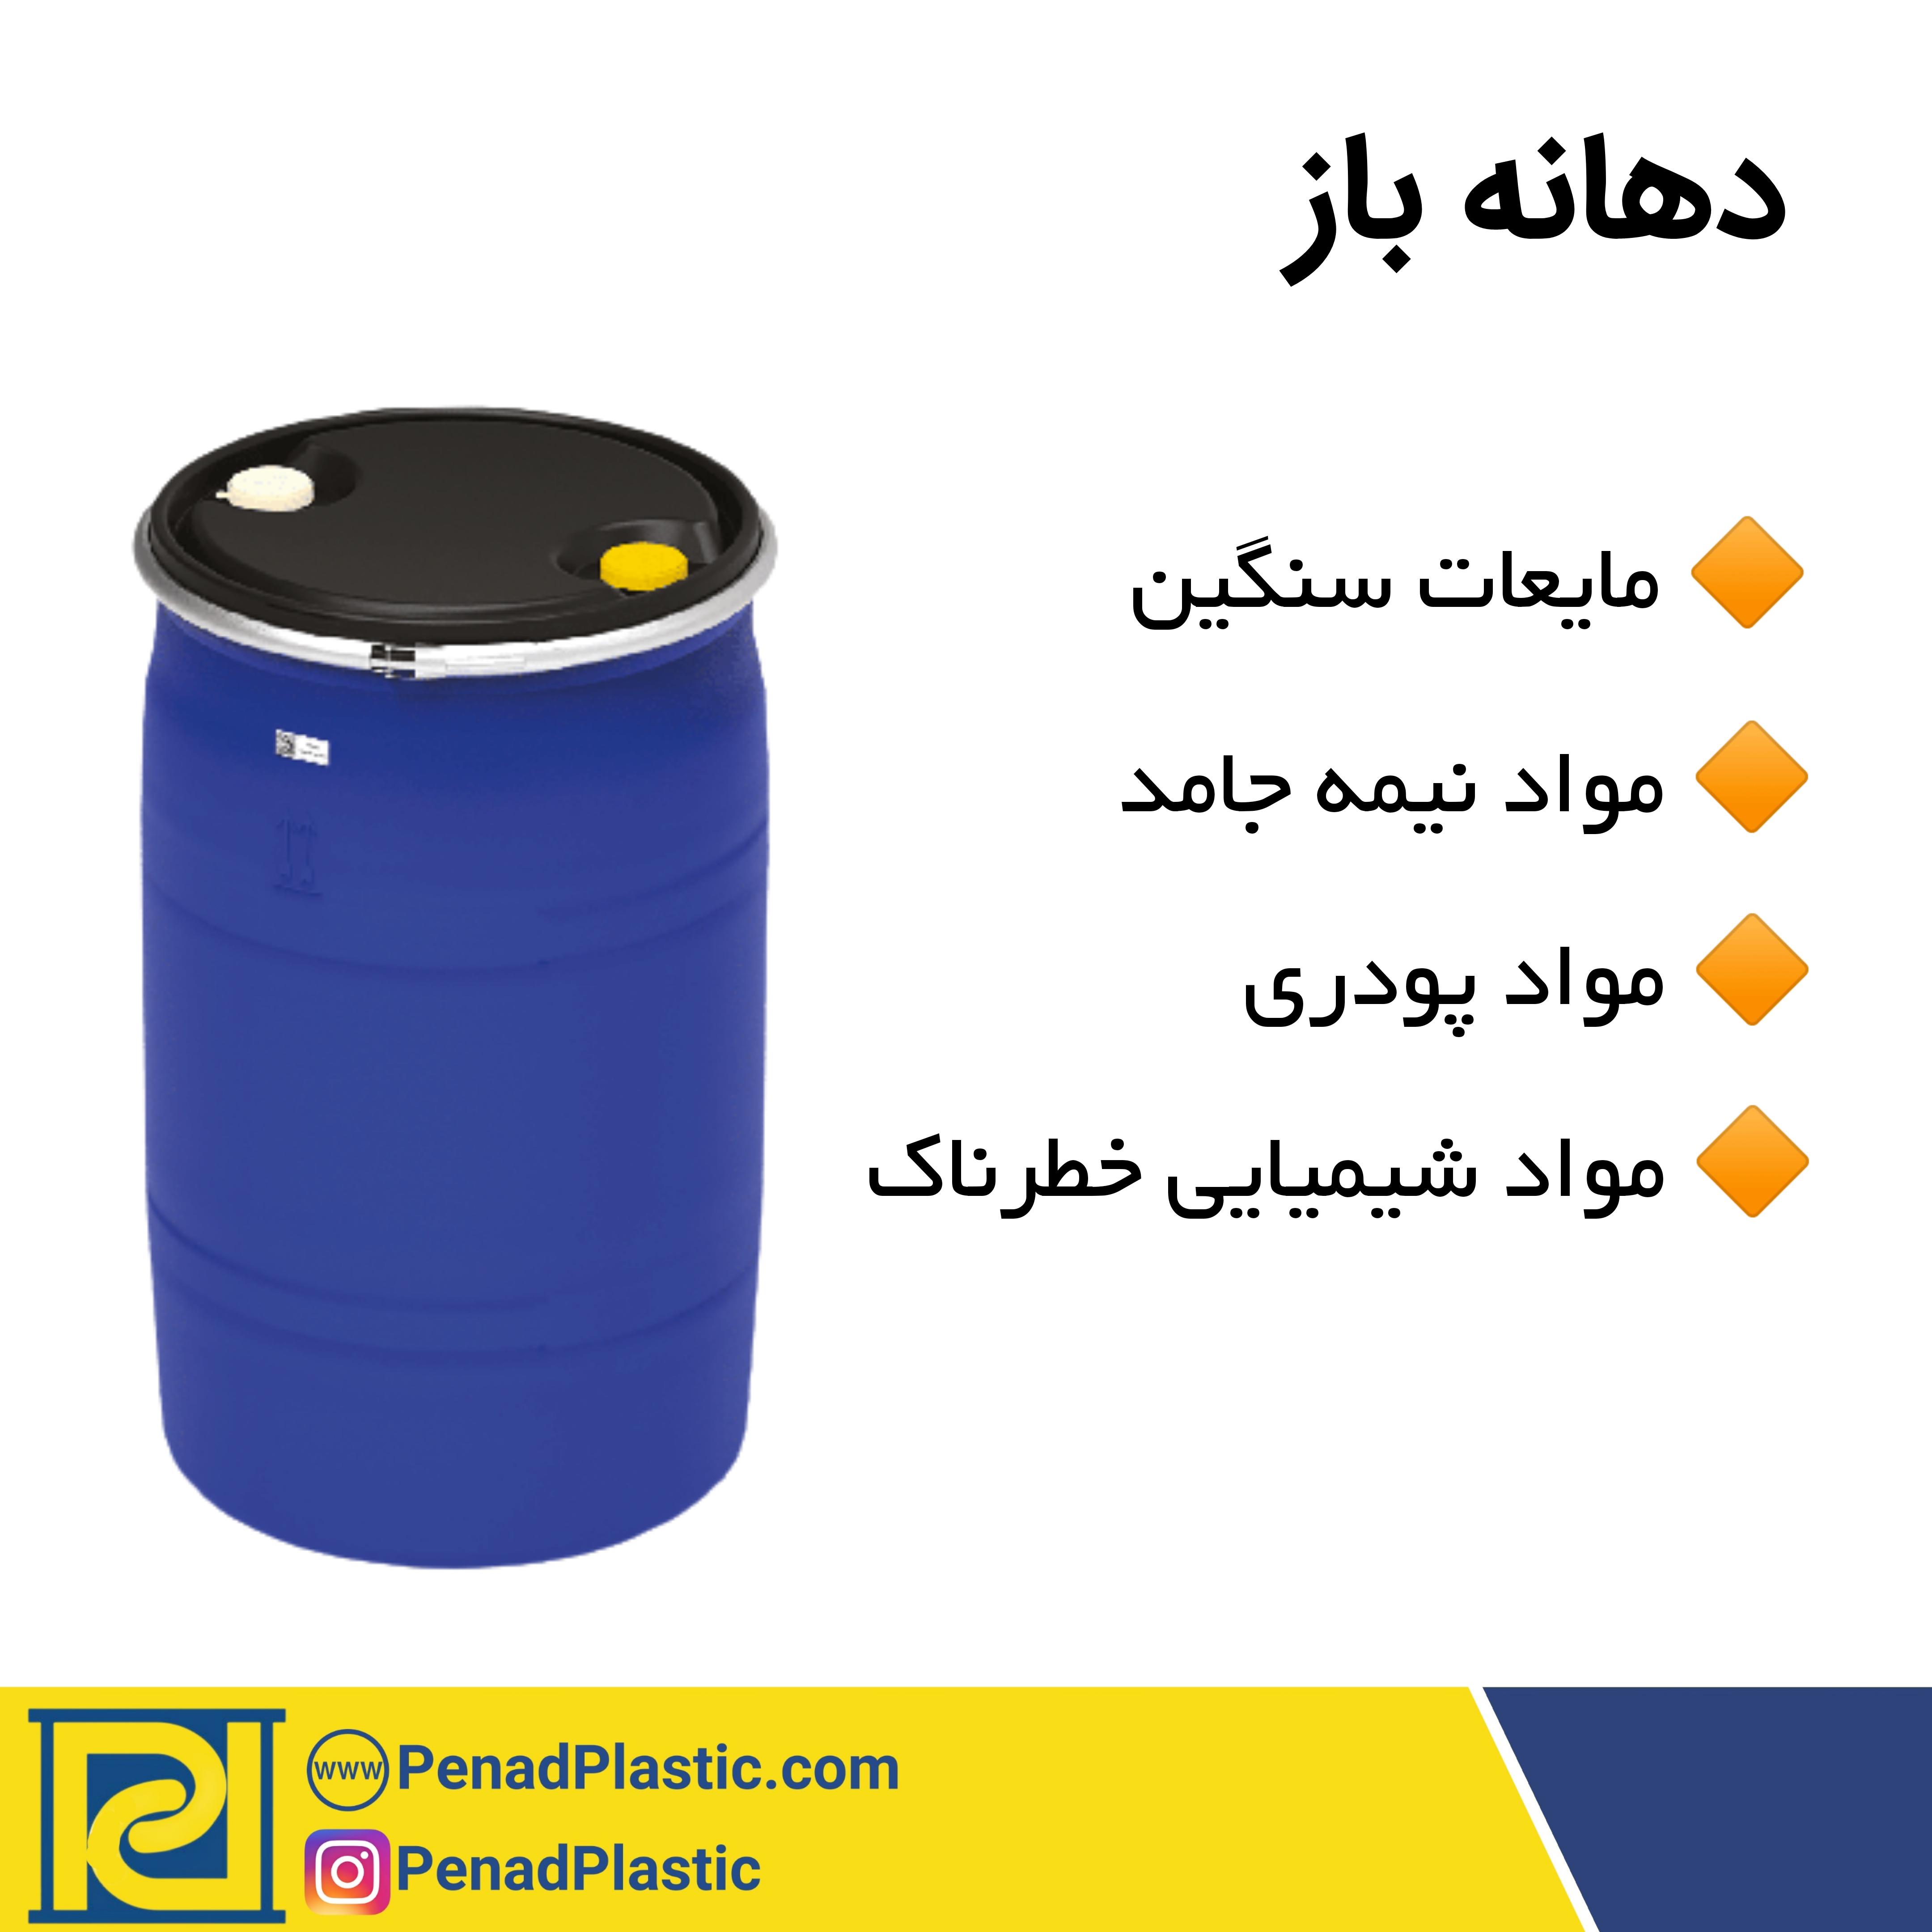 پناد پلاستیک ارائه دهنده قابل اعتماد بشکه پلاستیکی